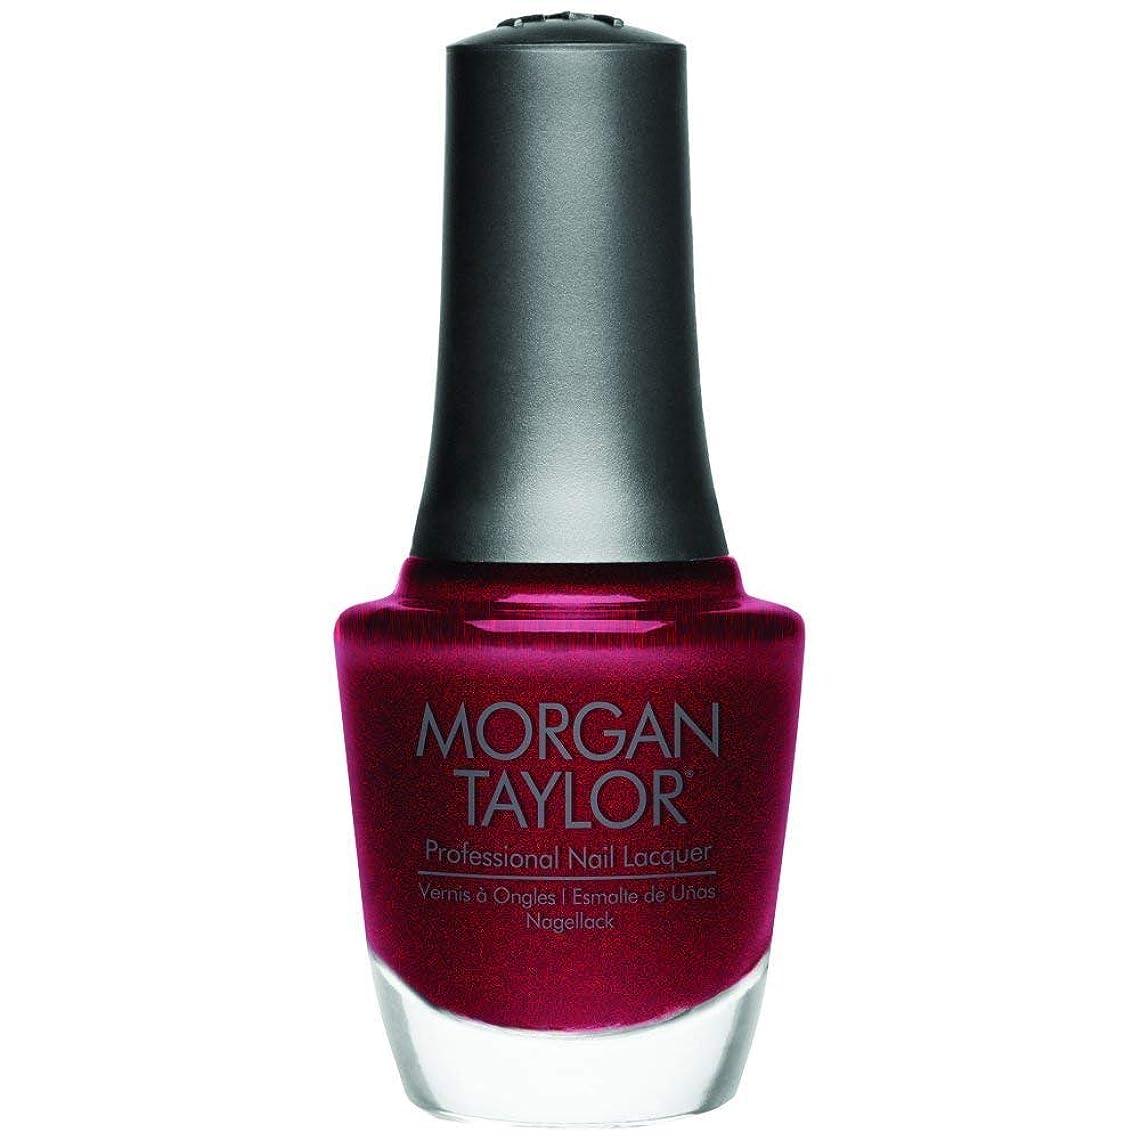 重要な役割を果たす、中心的な手段となるおめでとう繁栄Morgan Taylor - Professional Nail Lacquer - I'm So Hot - 15 mL / 0.5oz